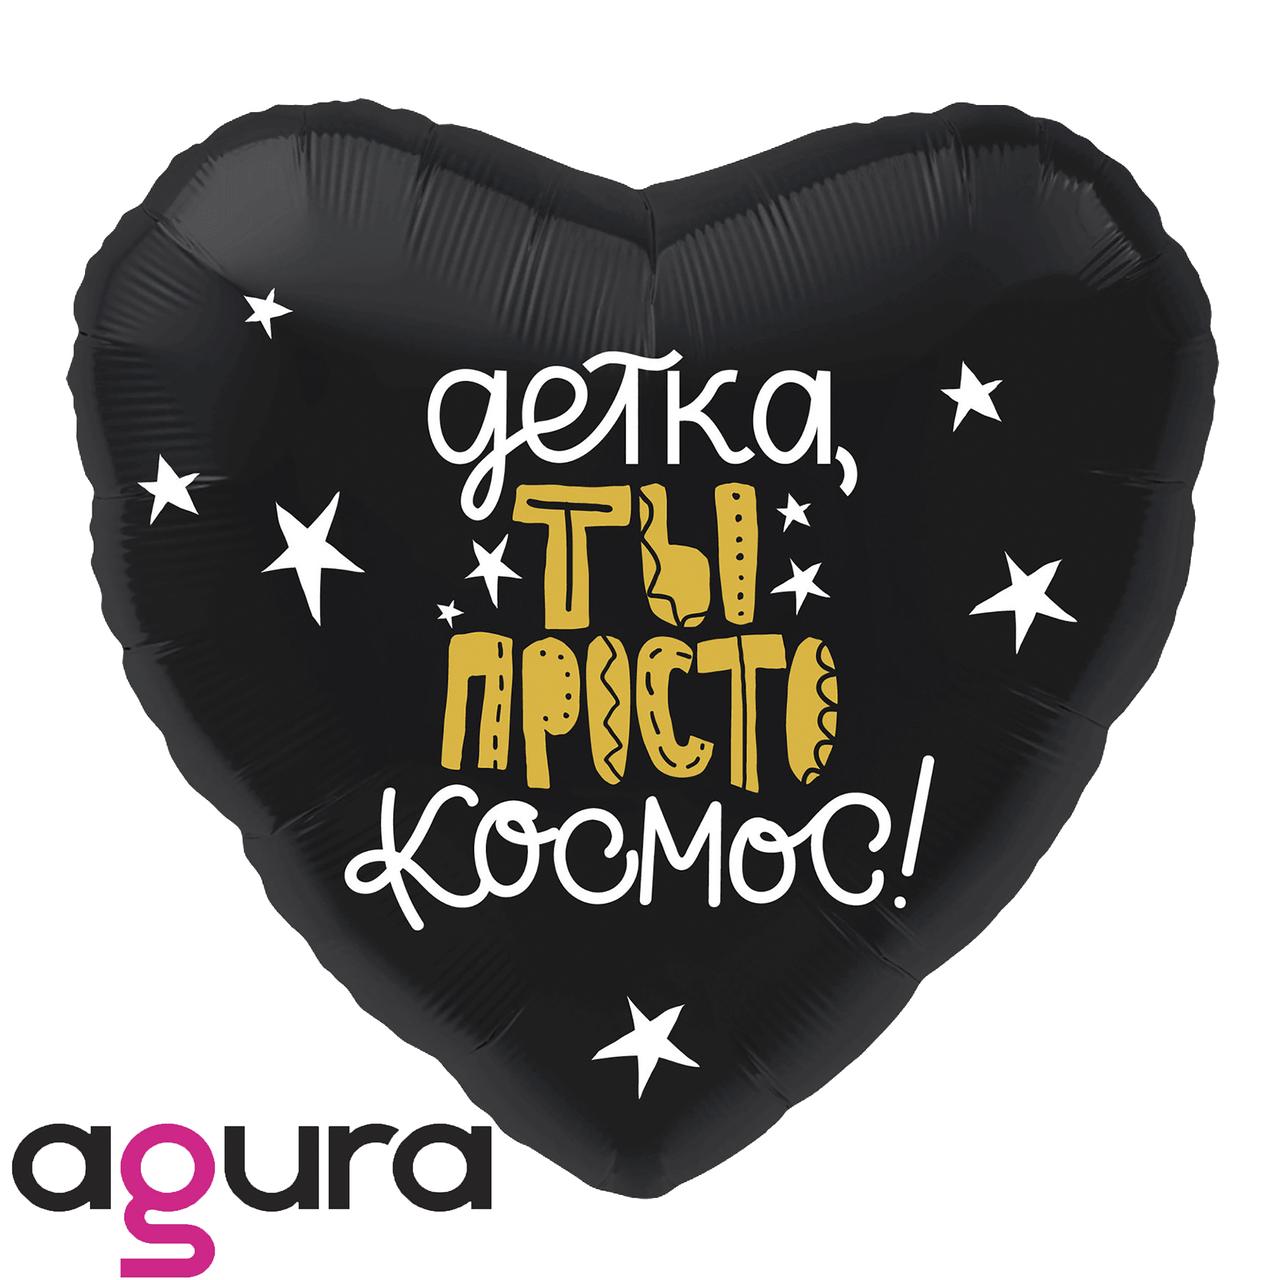 Фольгированное сердце Agura (Агура) Детка, ты просто космос, 48*49 см (19')